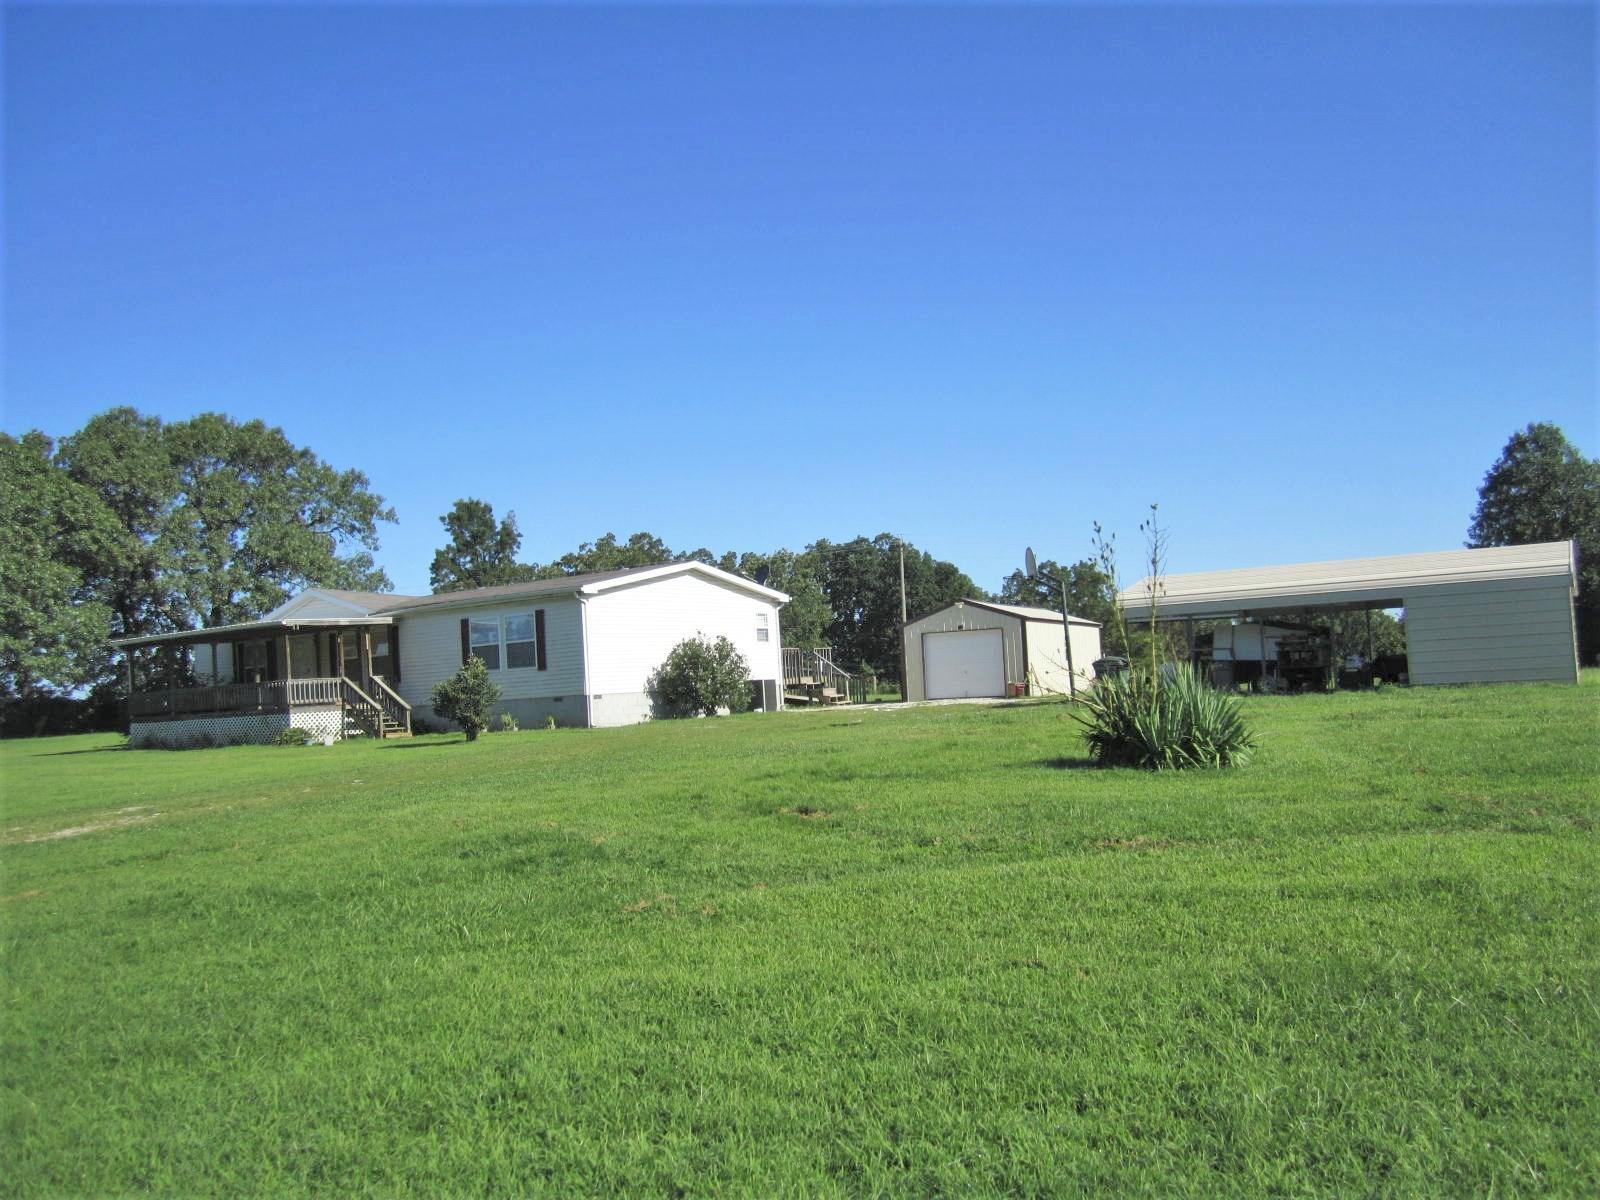 Home on Acreage for Sale in Dallas County MO